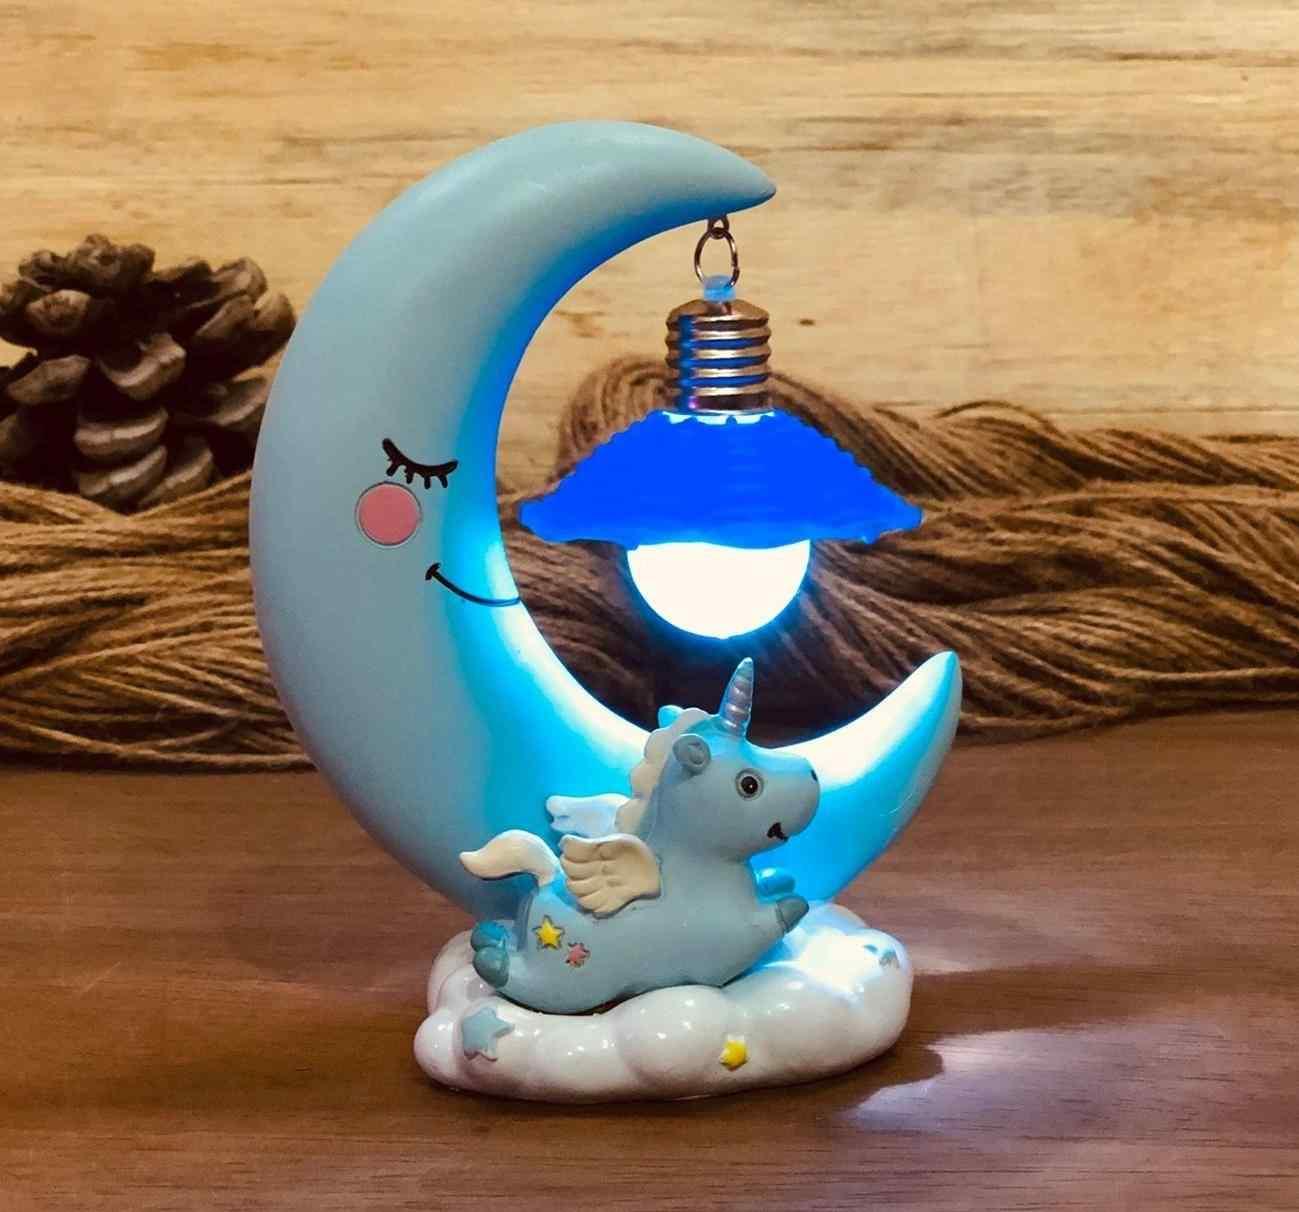 Ponçik Maviş Unciron Sihirli Gece Lambası